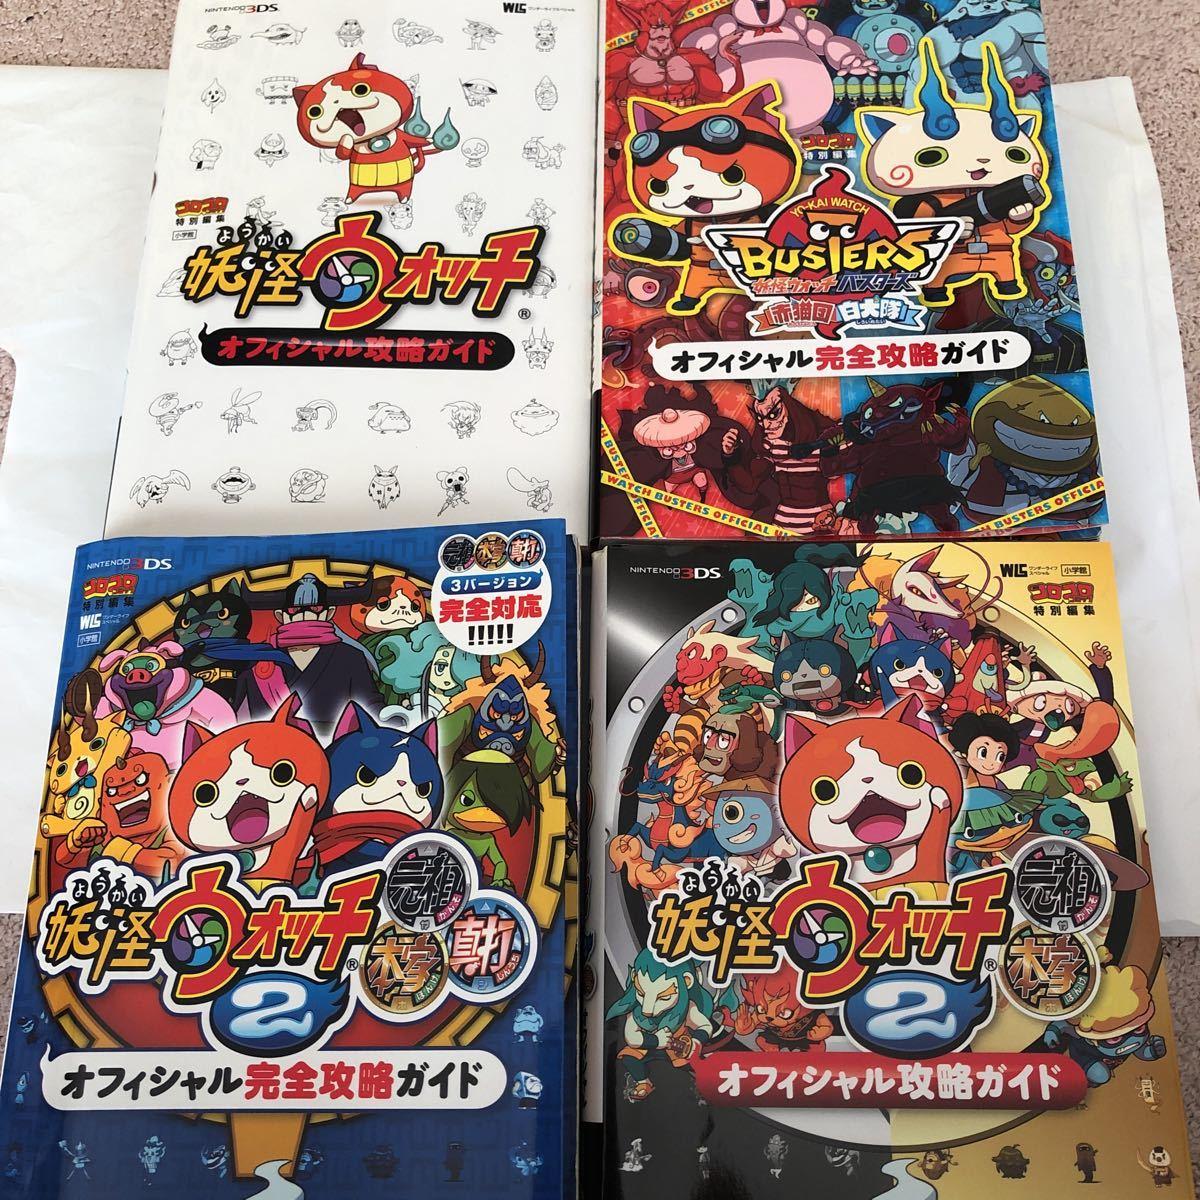 真打 妖怪 攻略 ウォッチ 【3DS攻略】 妖怪ウォッチ2